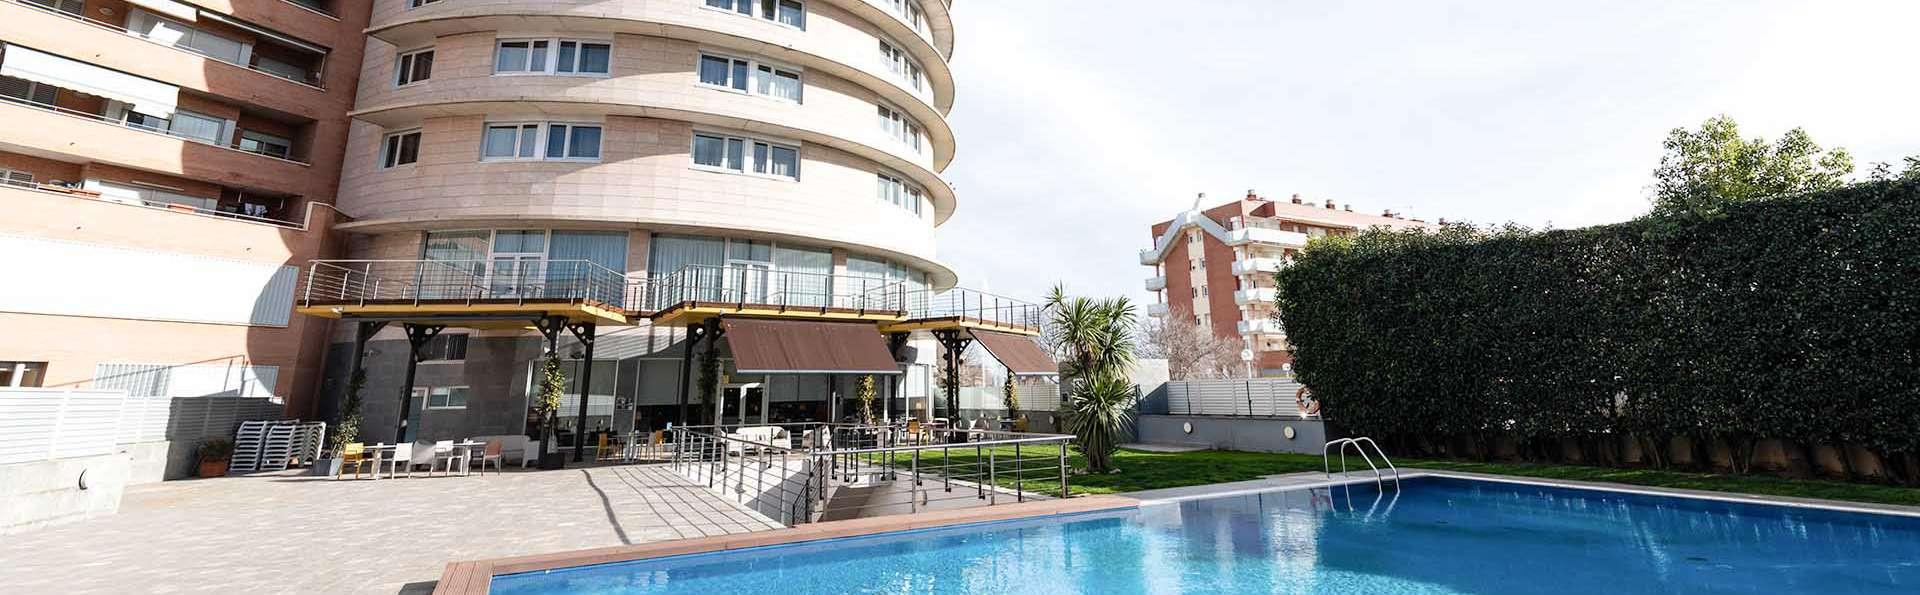 Escapade en famille sur la Costa Daurada : appartement pour 4 personnes avec petit déjeuner inclus